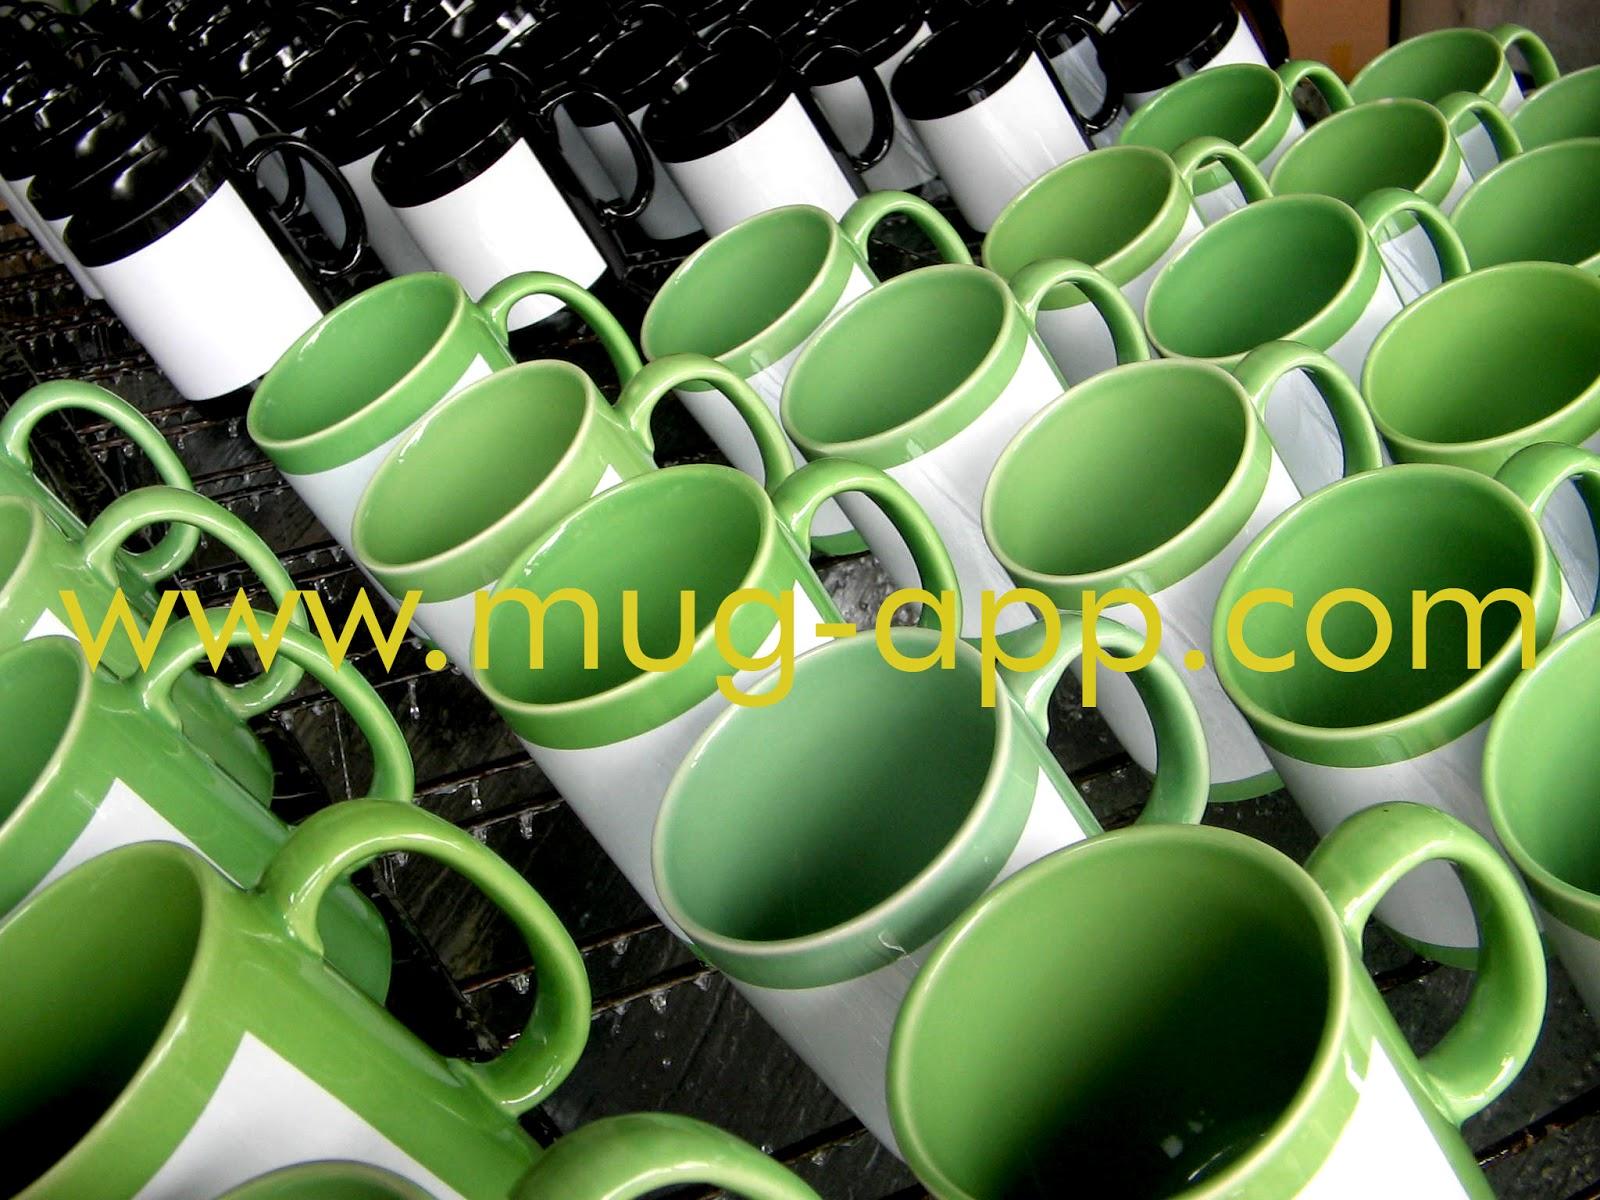 Pabrik Mug